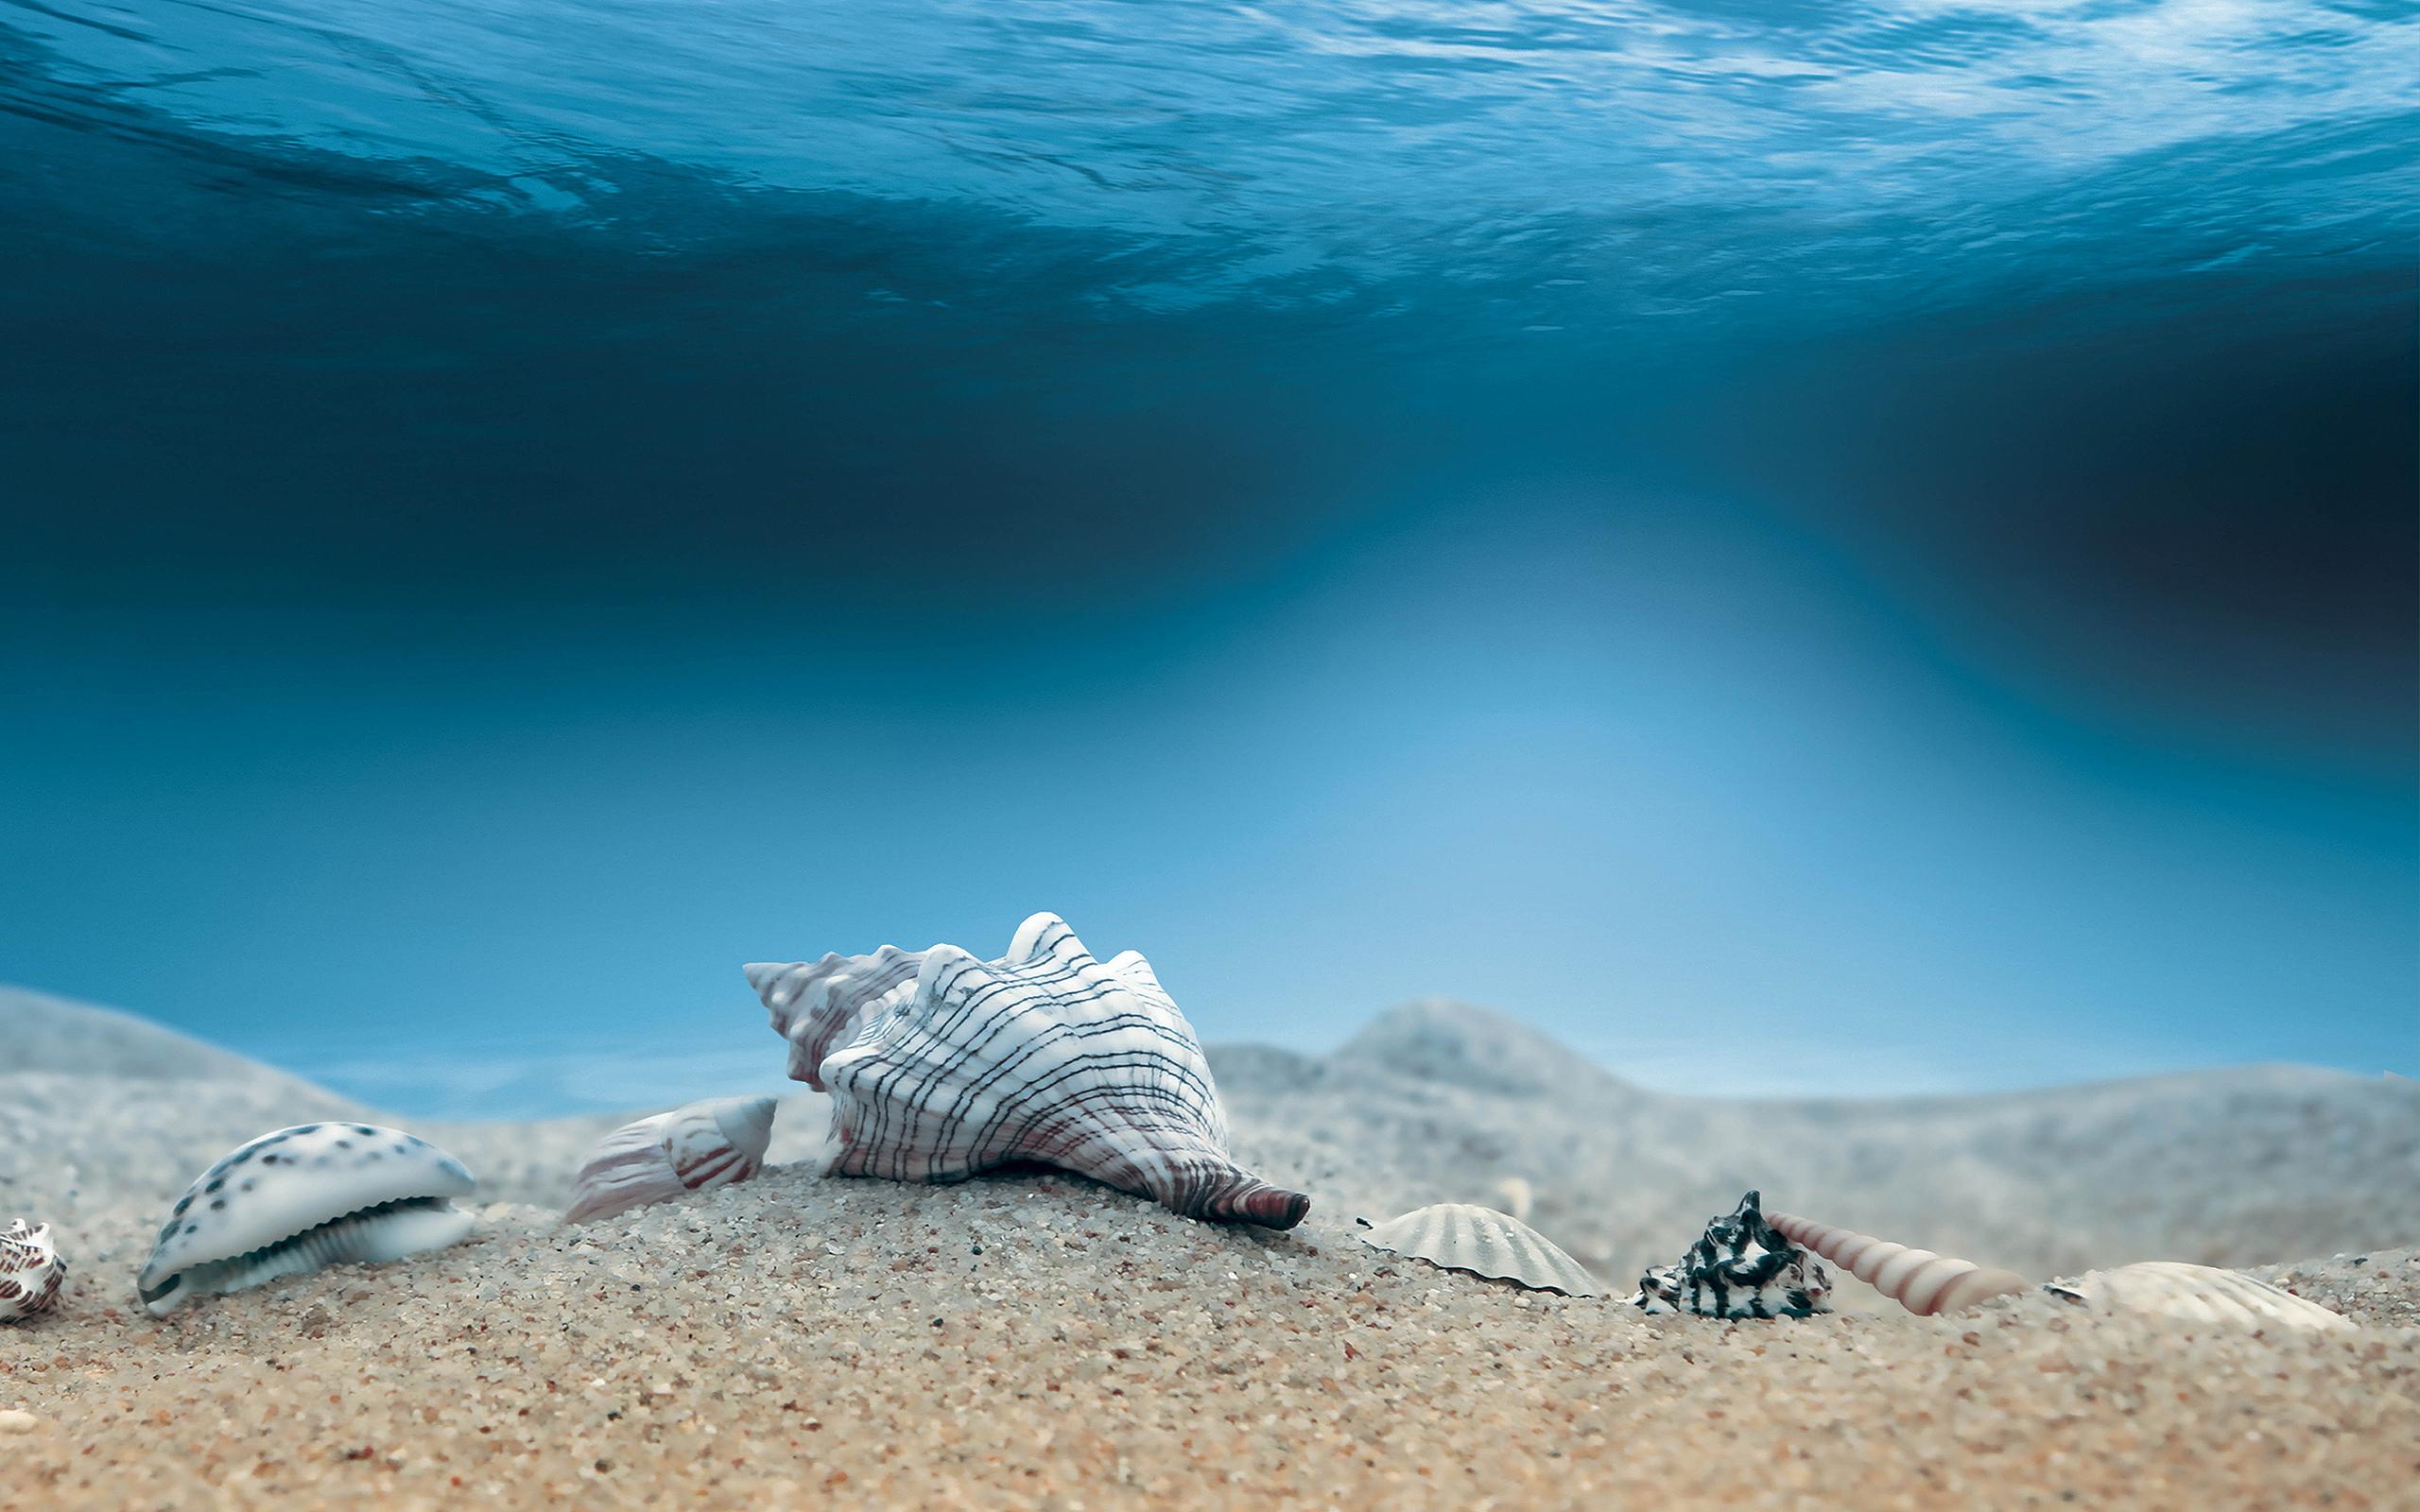 Shells Seabed Wallpaper Hd Desktop Wallpapers 4k Hd